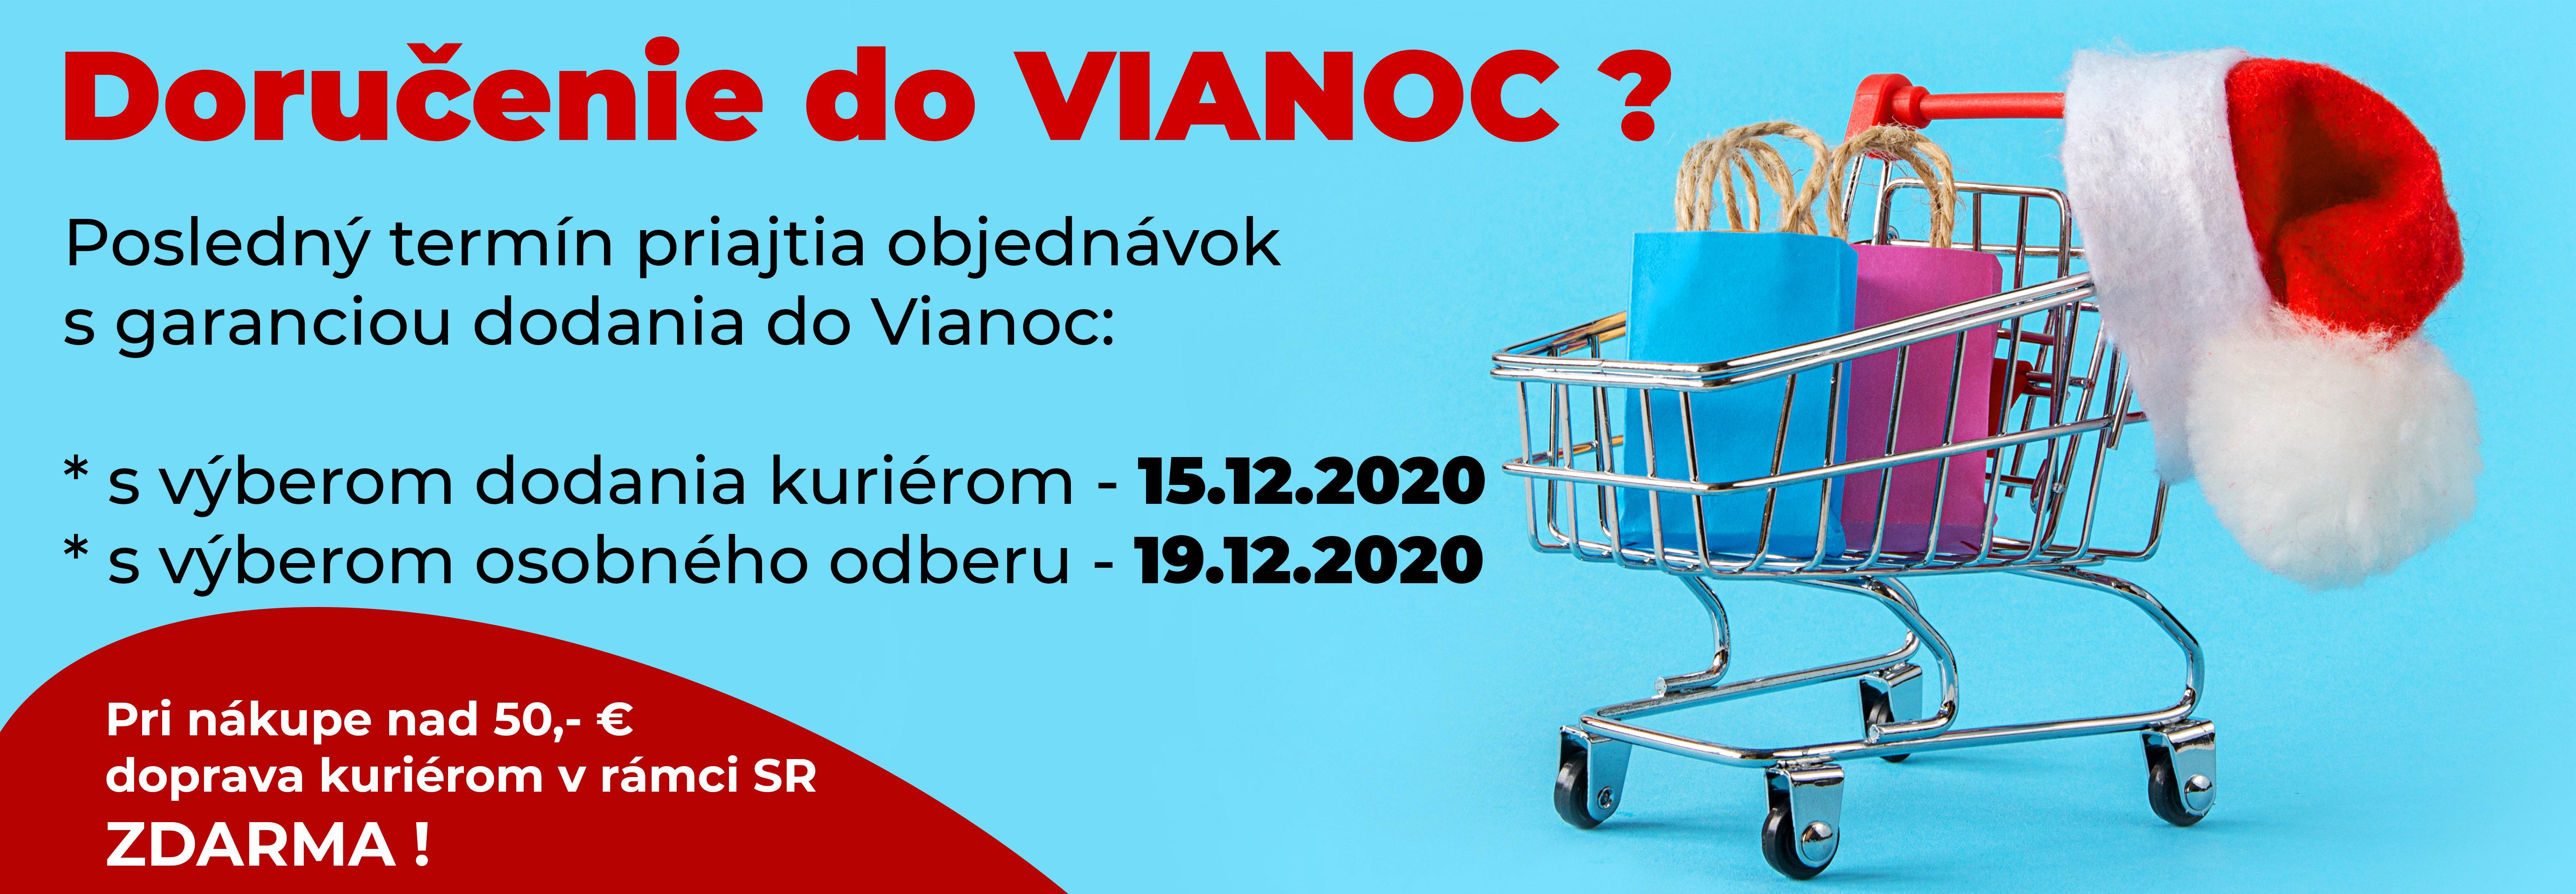 Vianoce-garancia-2